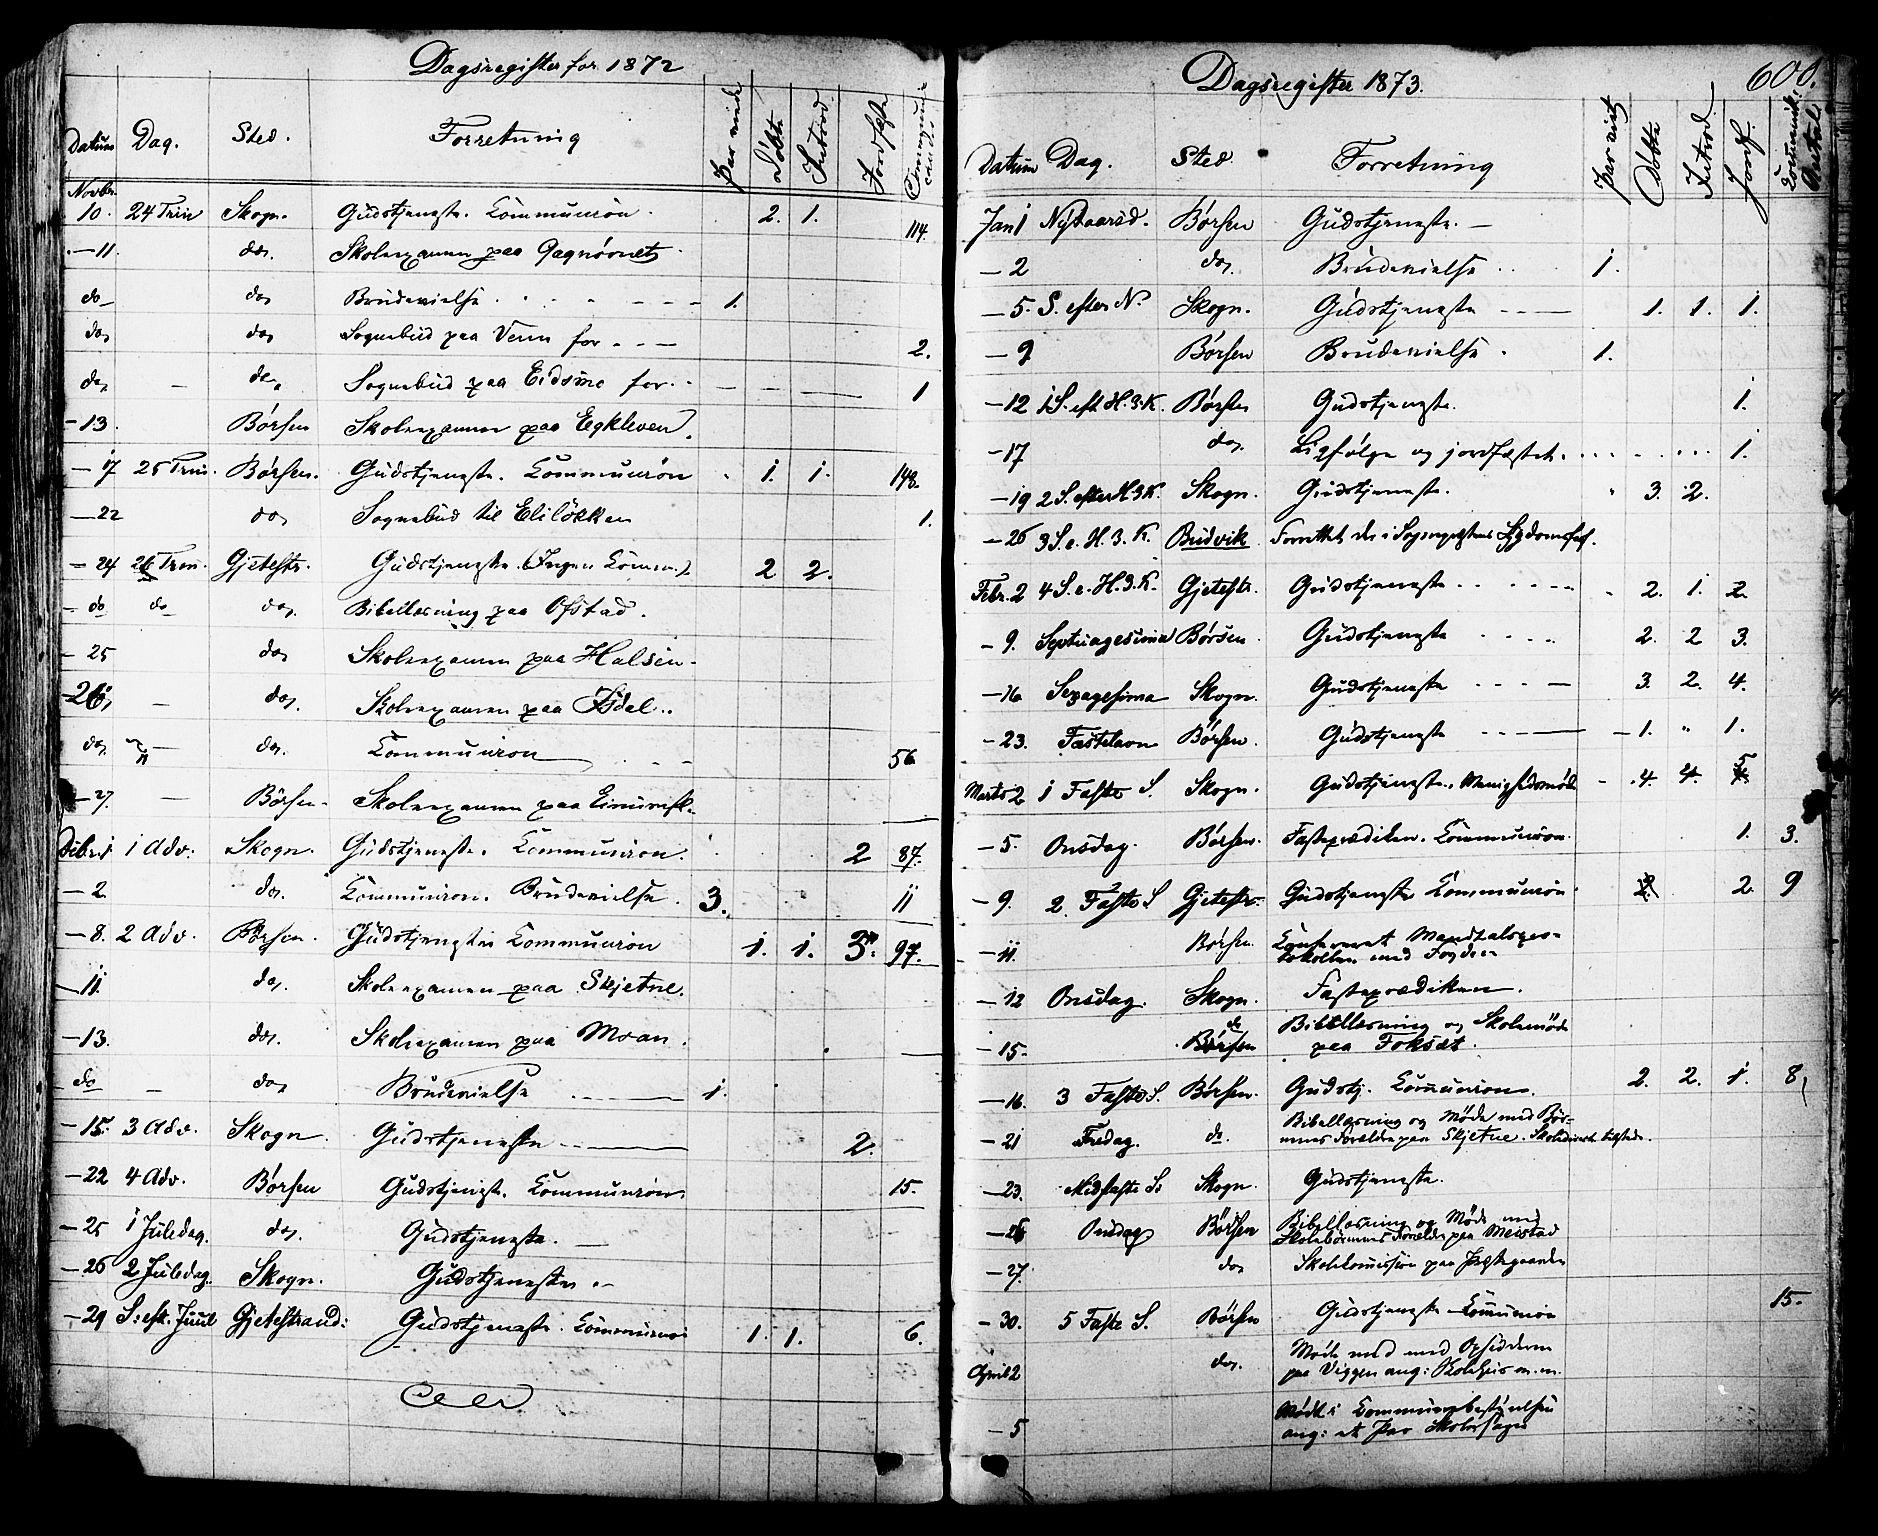 SAT, Ministerialprotokoller, klokkerbøker og fødselsregistre - Sør-Trøndelag, 665/L0772: Ministerialbok nr. 665A07, 1856-1878, s. 600